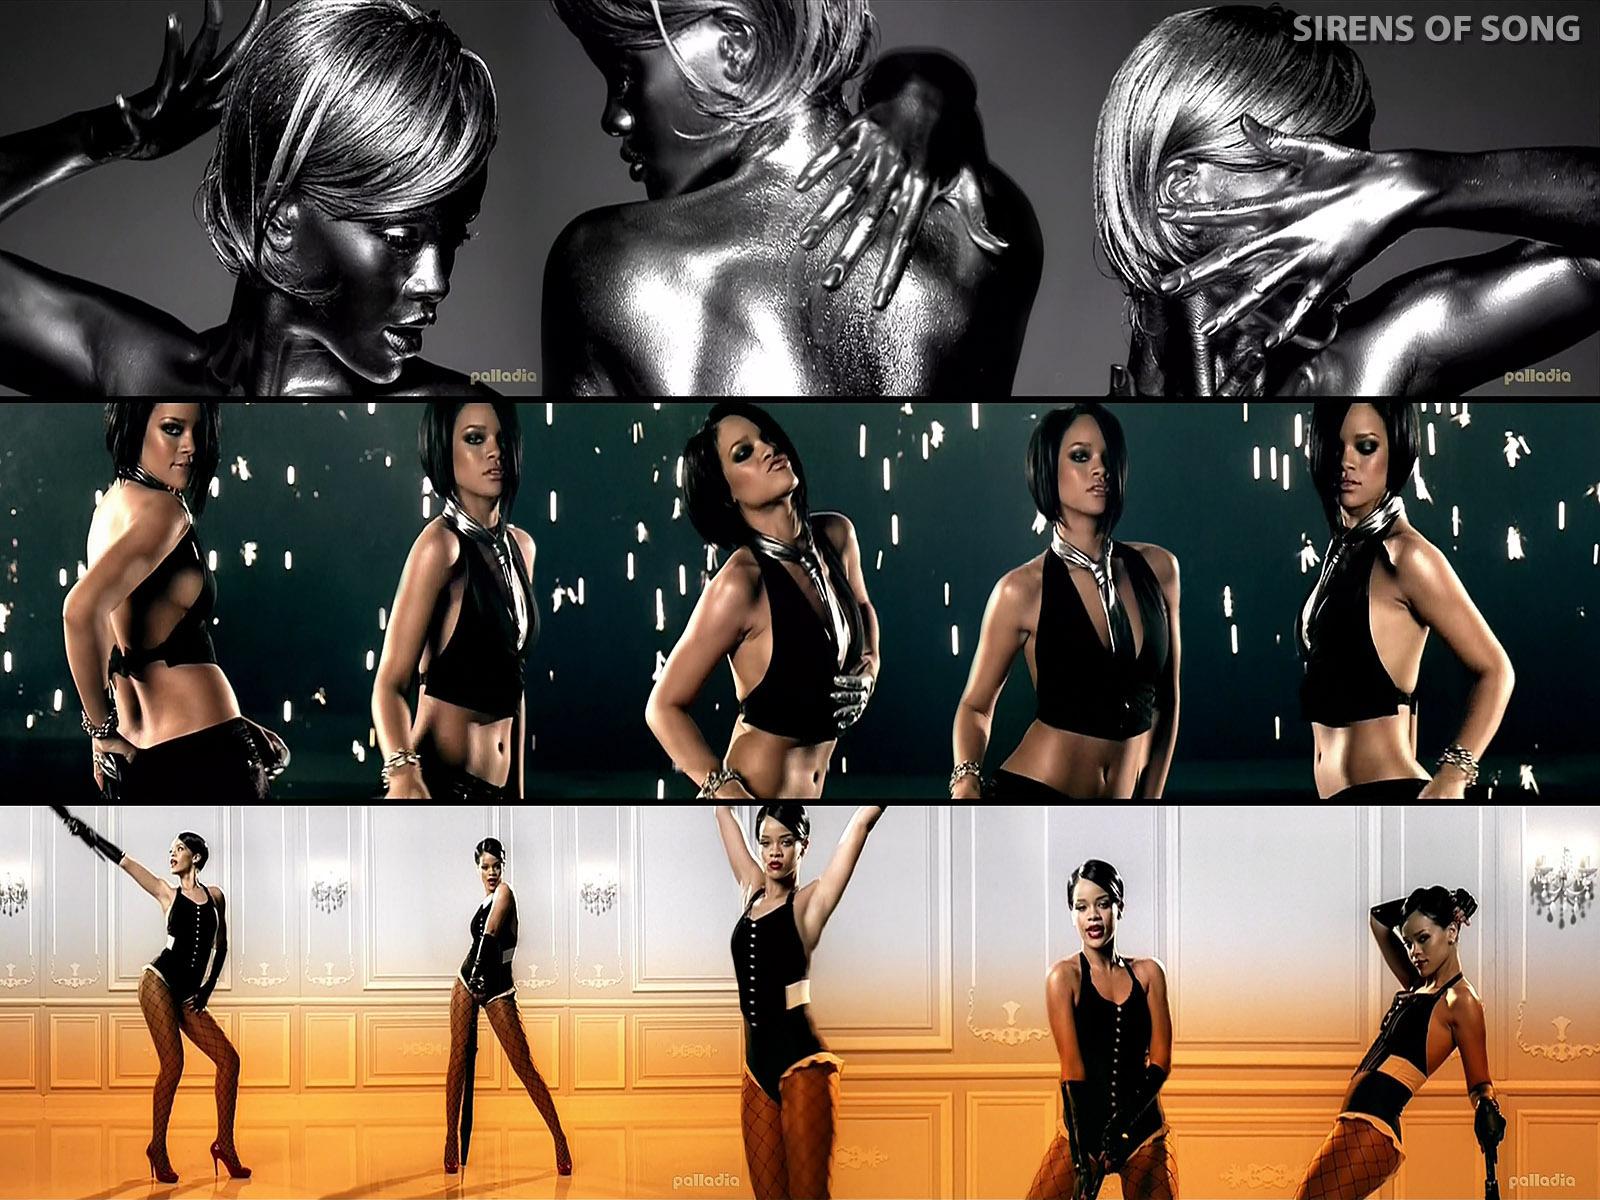 http://4.bp.blogspot.com/-wjMWQVe2AeQ/UUoVc_DaIxI/AAAAAAAAADQ/hGCOEAU7GDw/s1600/Rihanna-Umbrella-Mashup-rihanna-13444364-1600-1200.jpg